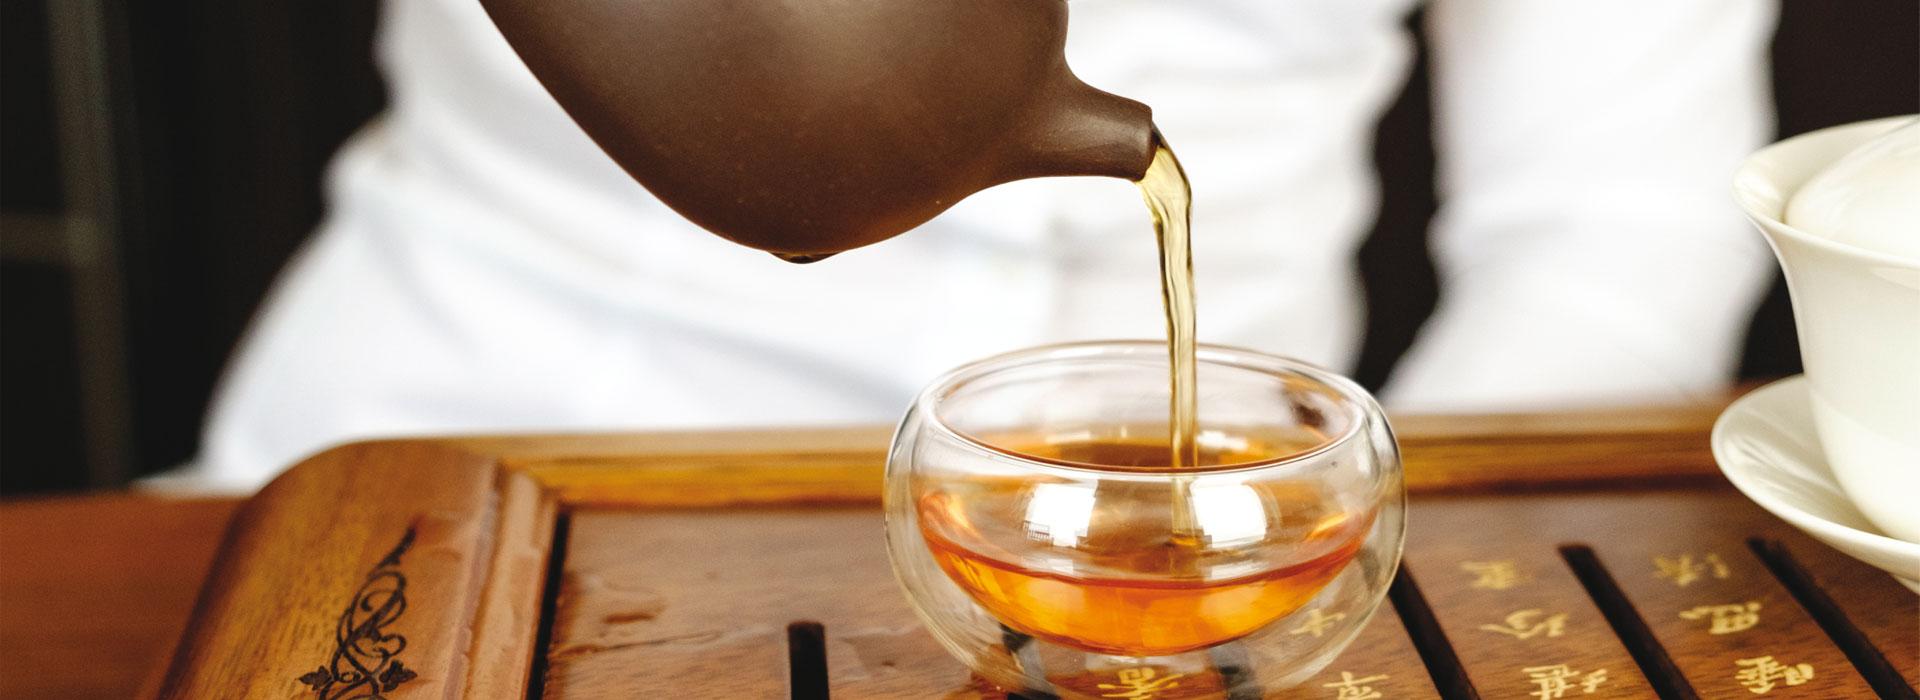 Royal Tipss Tea - Tienda de té online